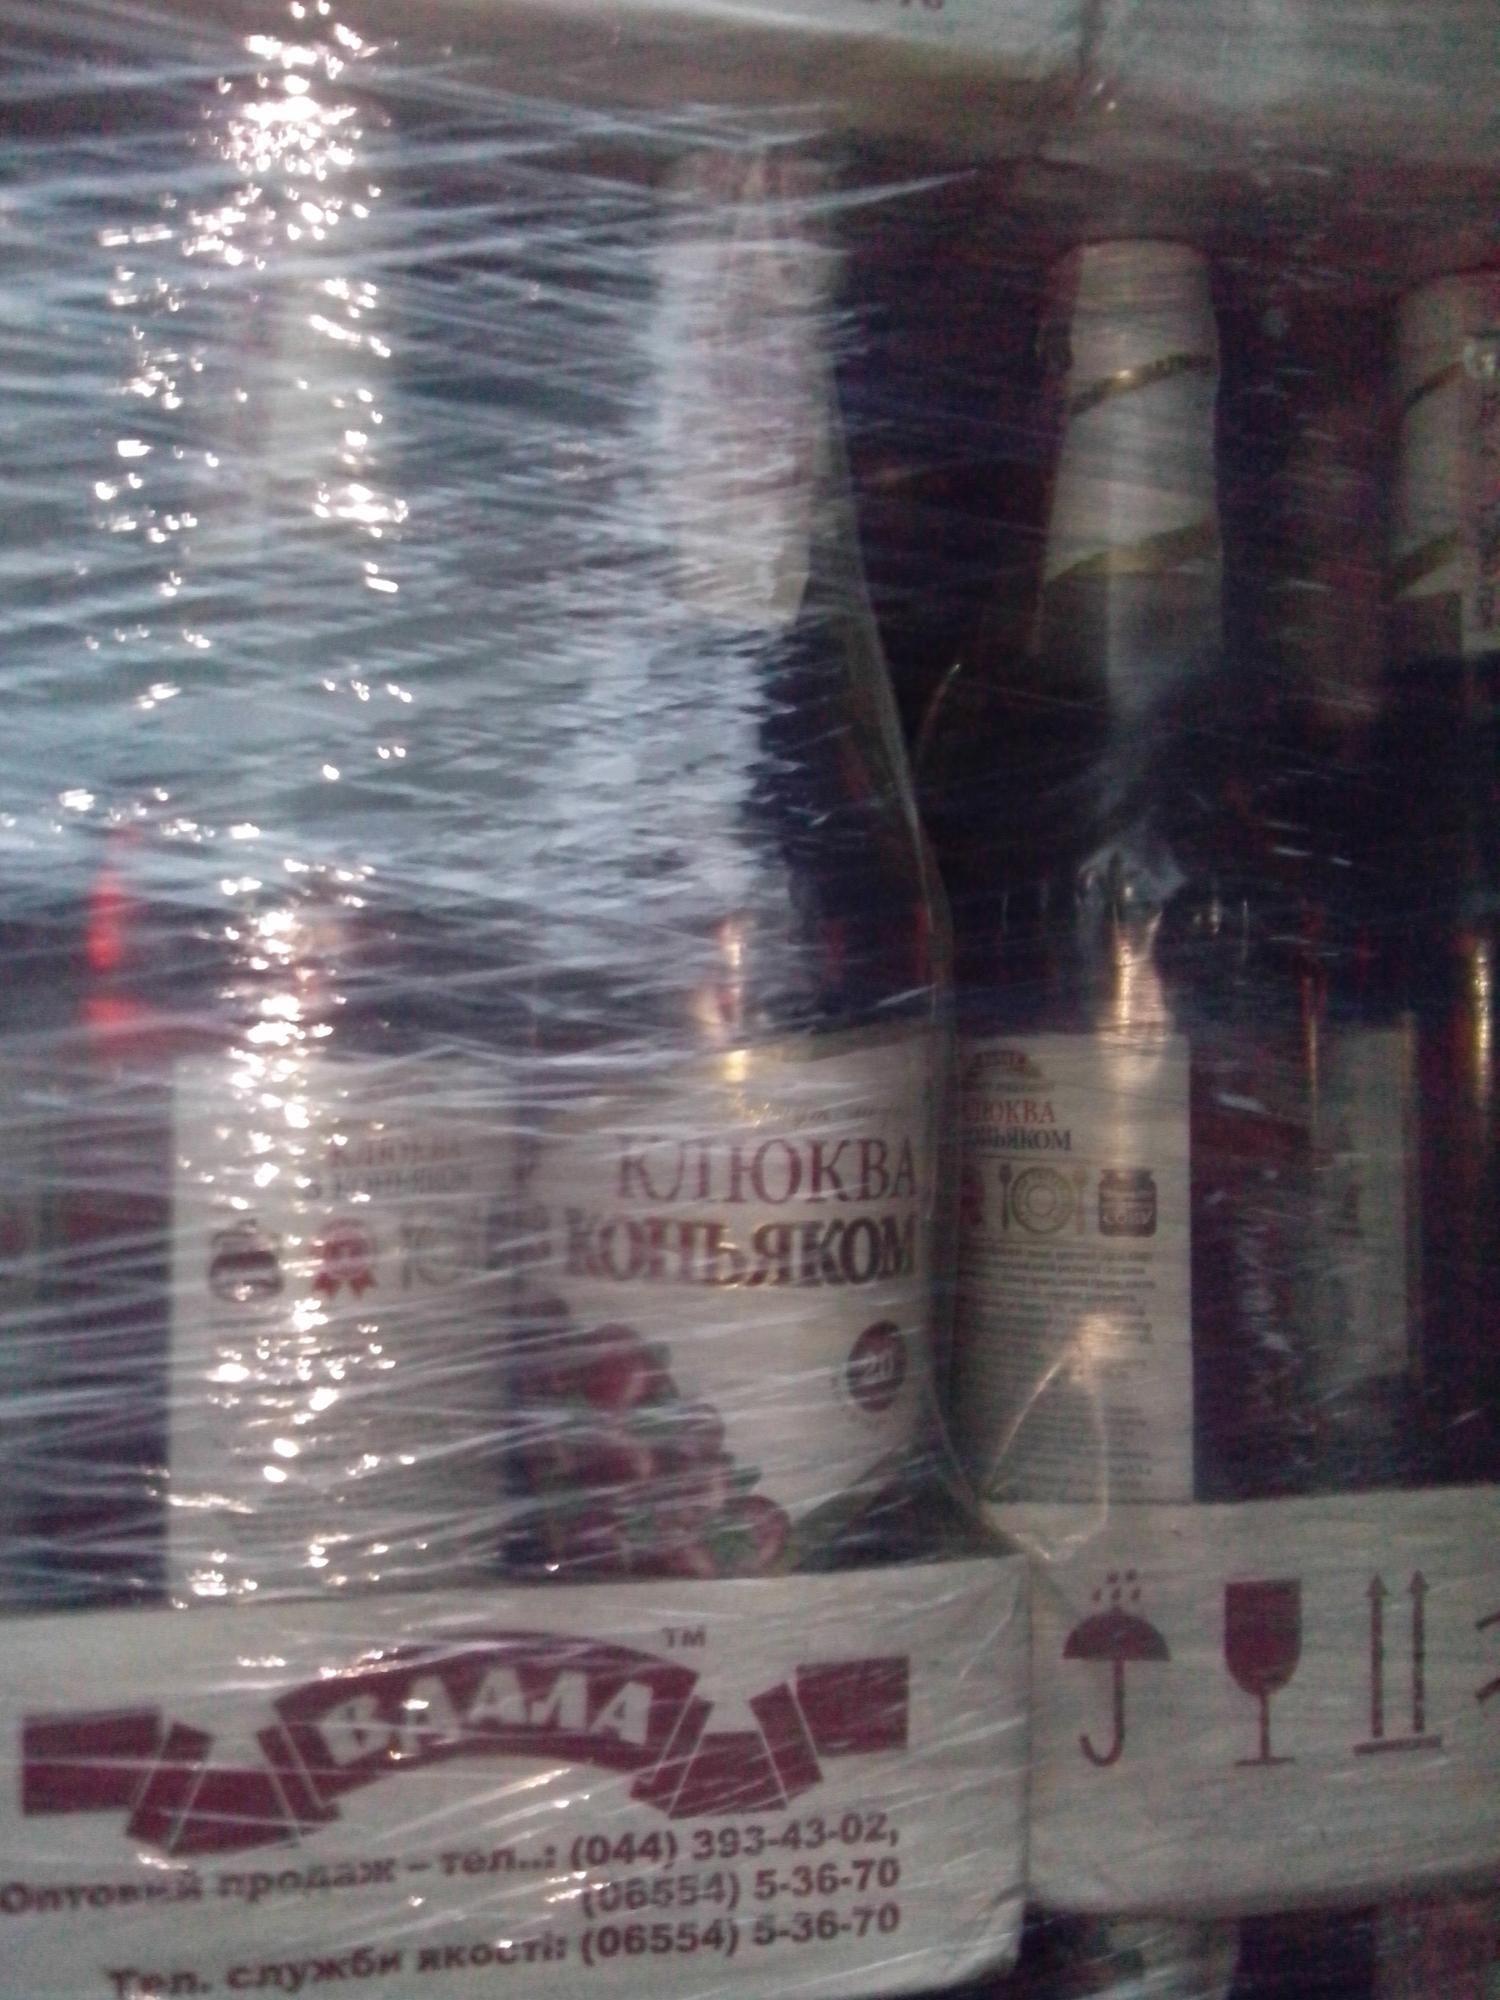 В Донецкой области  задержали грузовики с 5 тысячами ящиков алкоголя, — ГПСУ